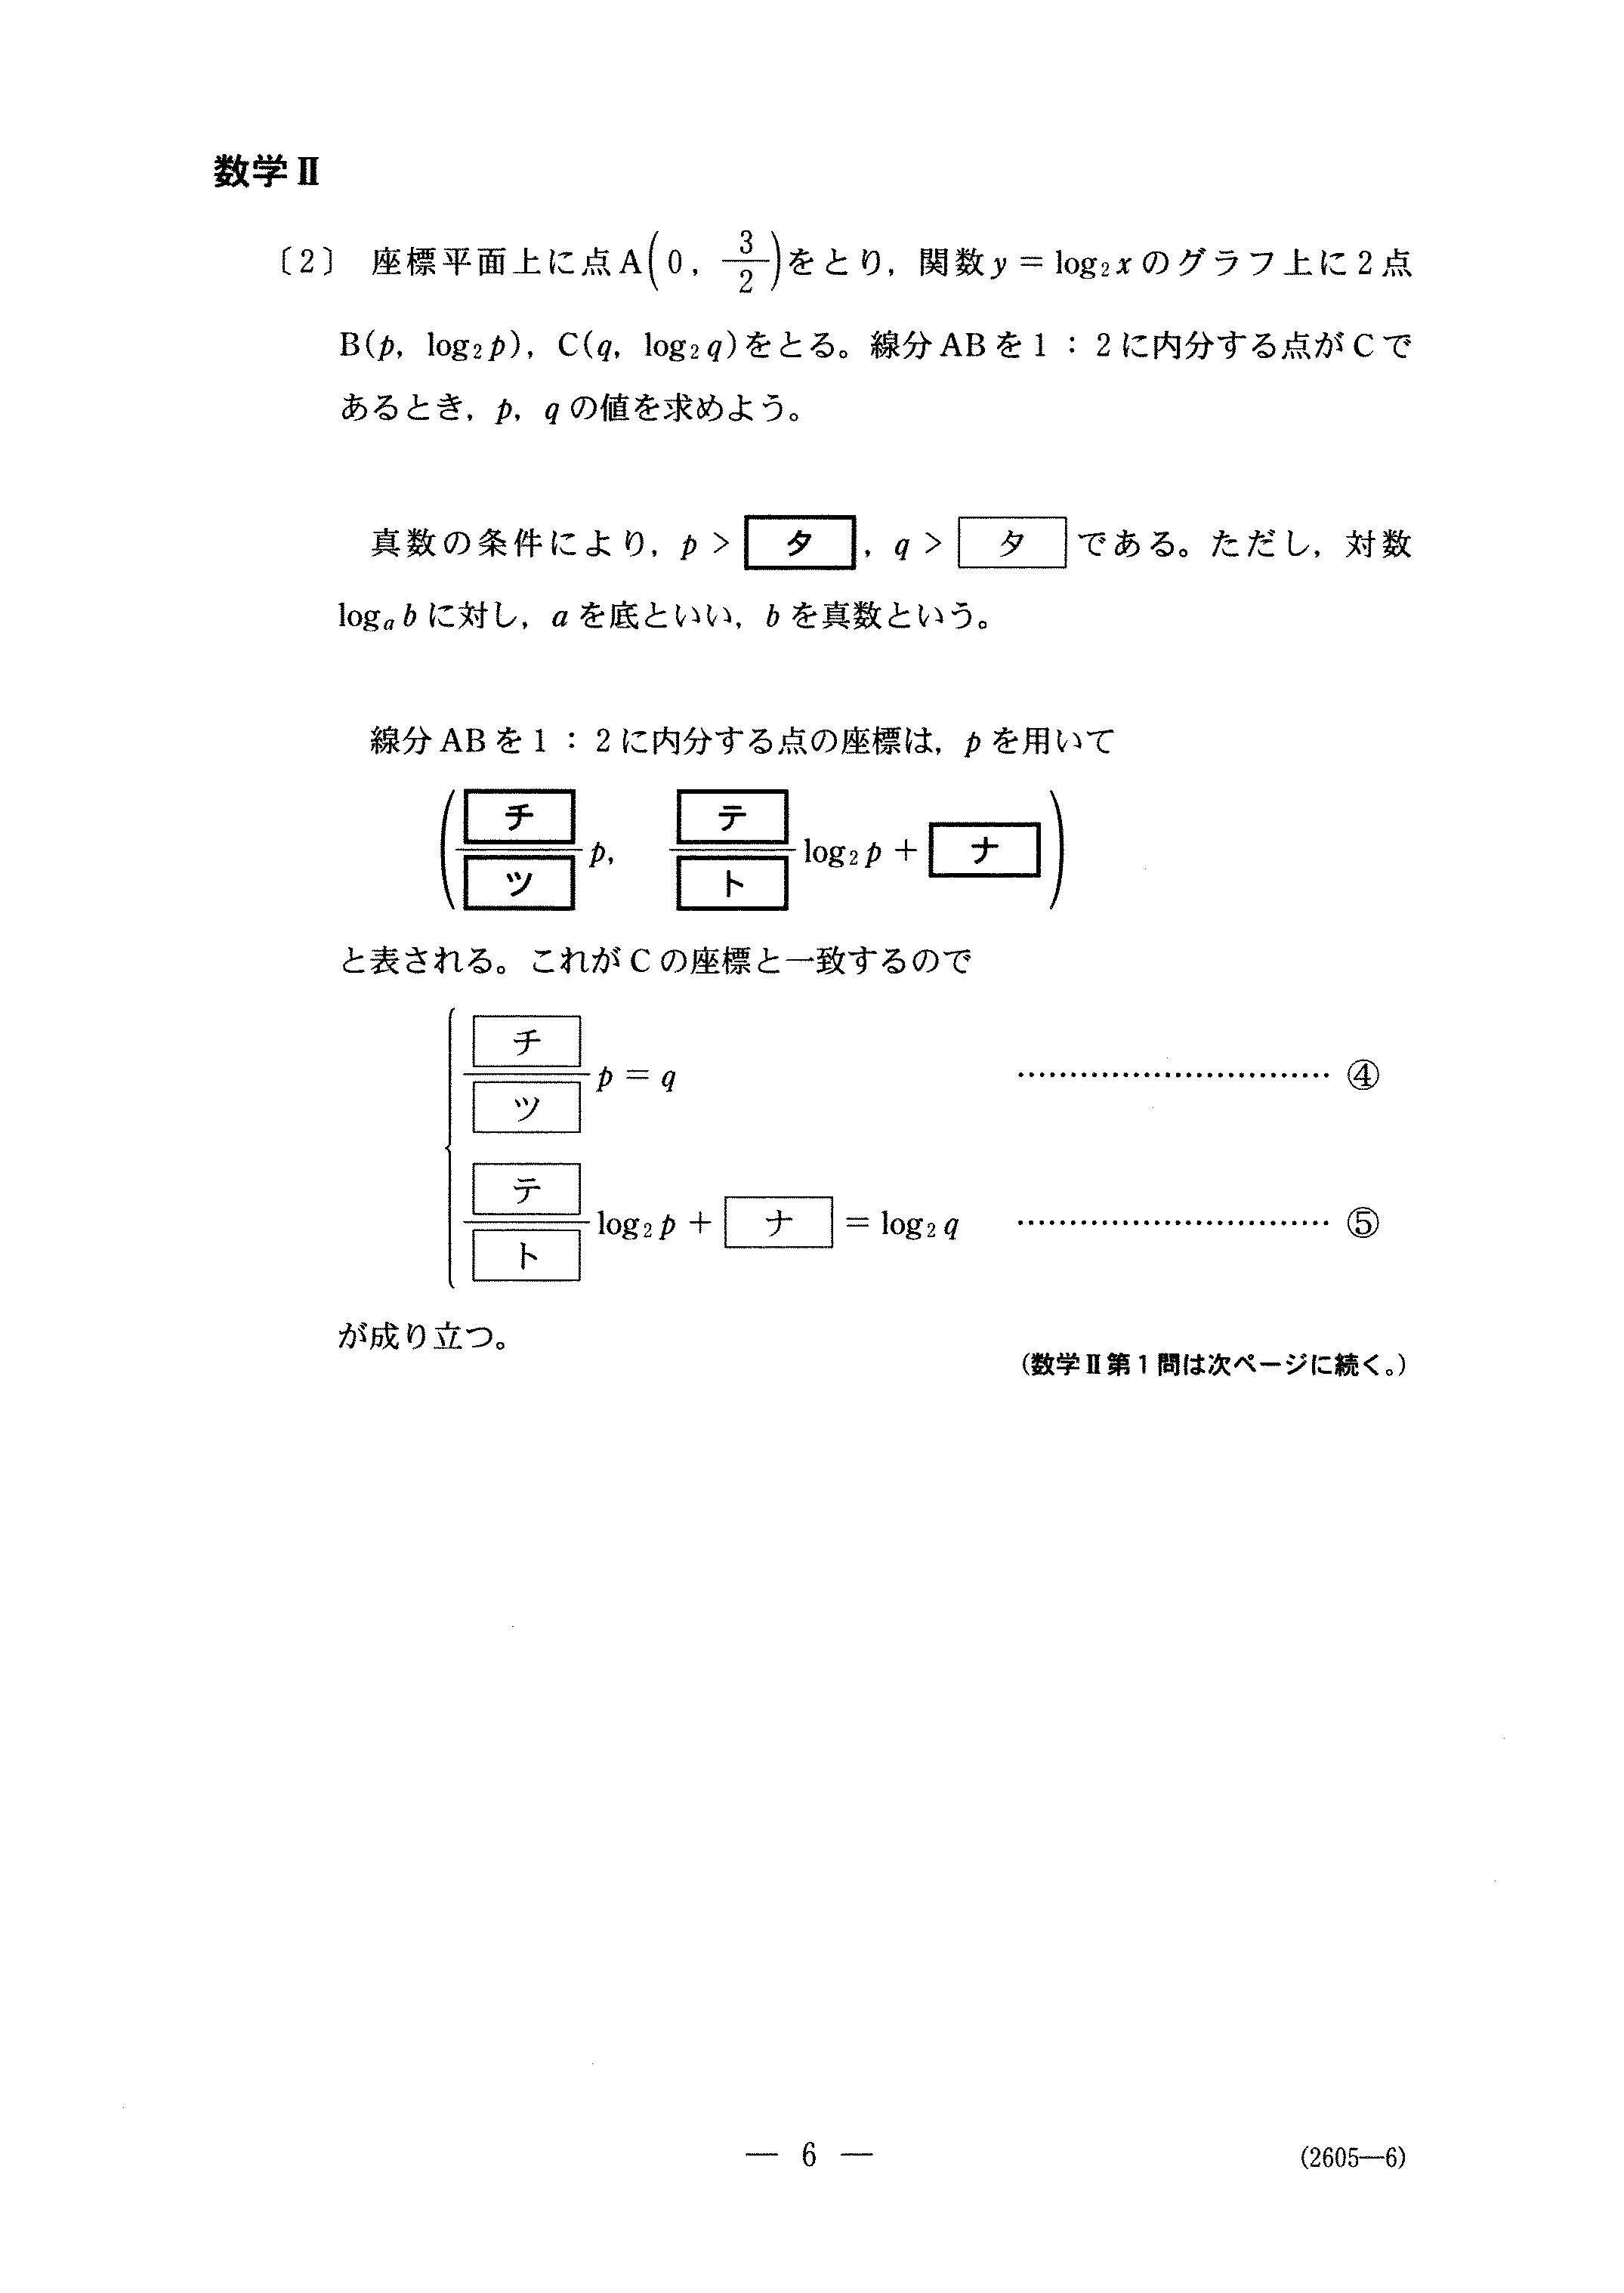 H29数学_数学Ⅱ 大学入試センター試験過去問